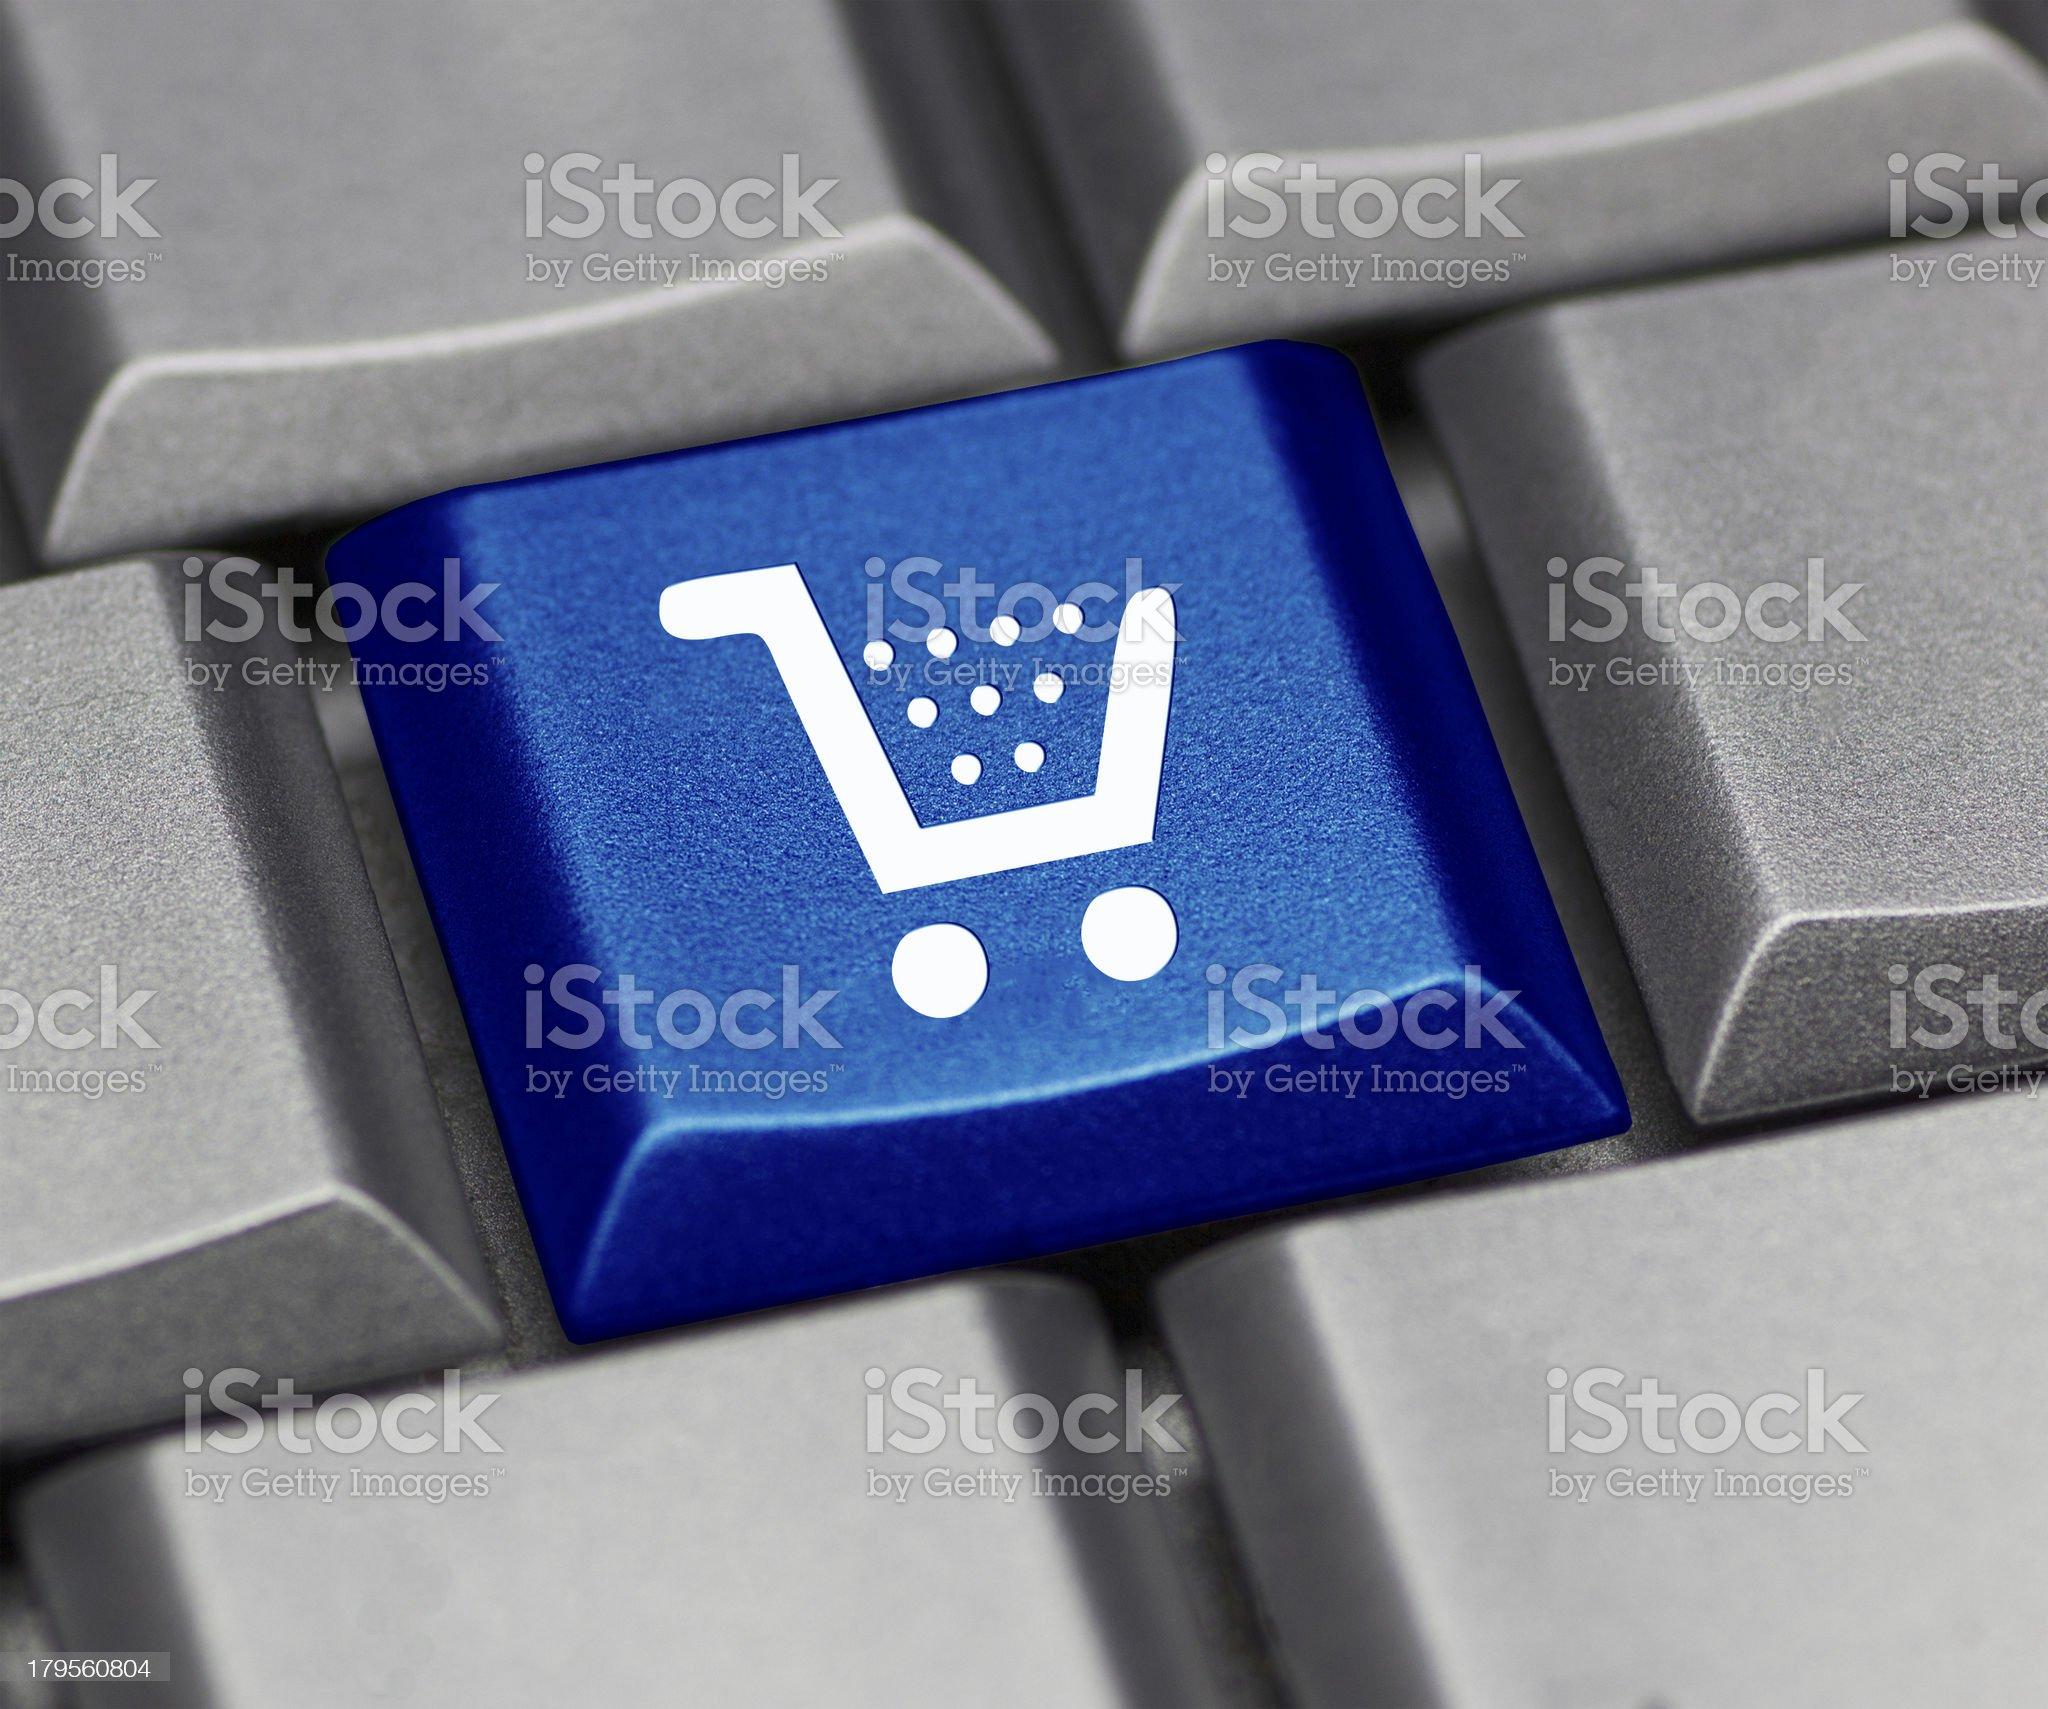 computer key shiny blue - cart royalty-free stock photo